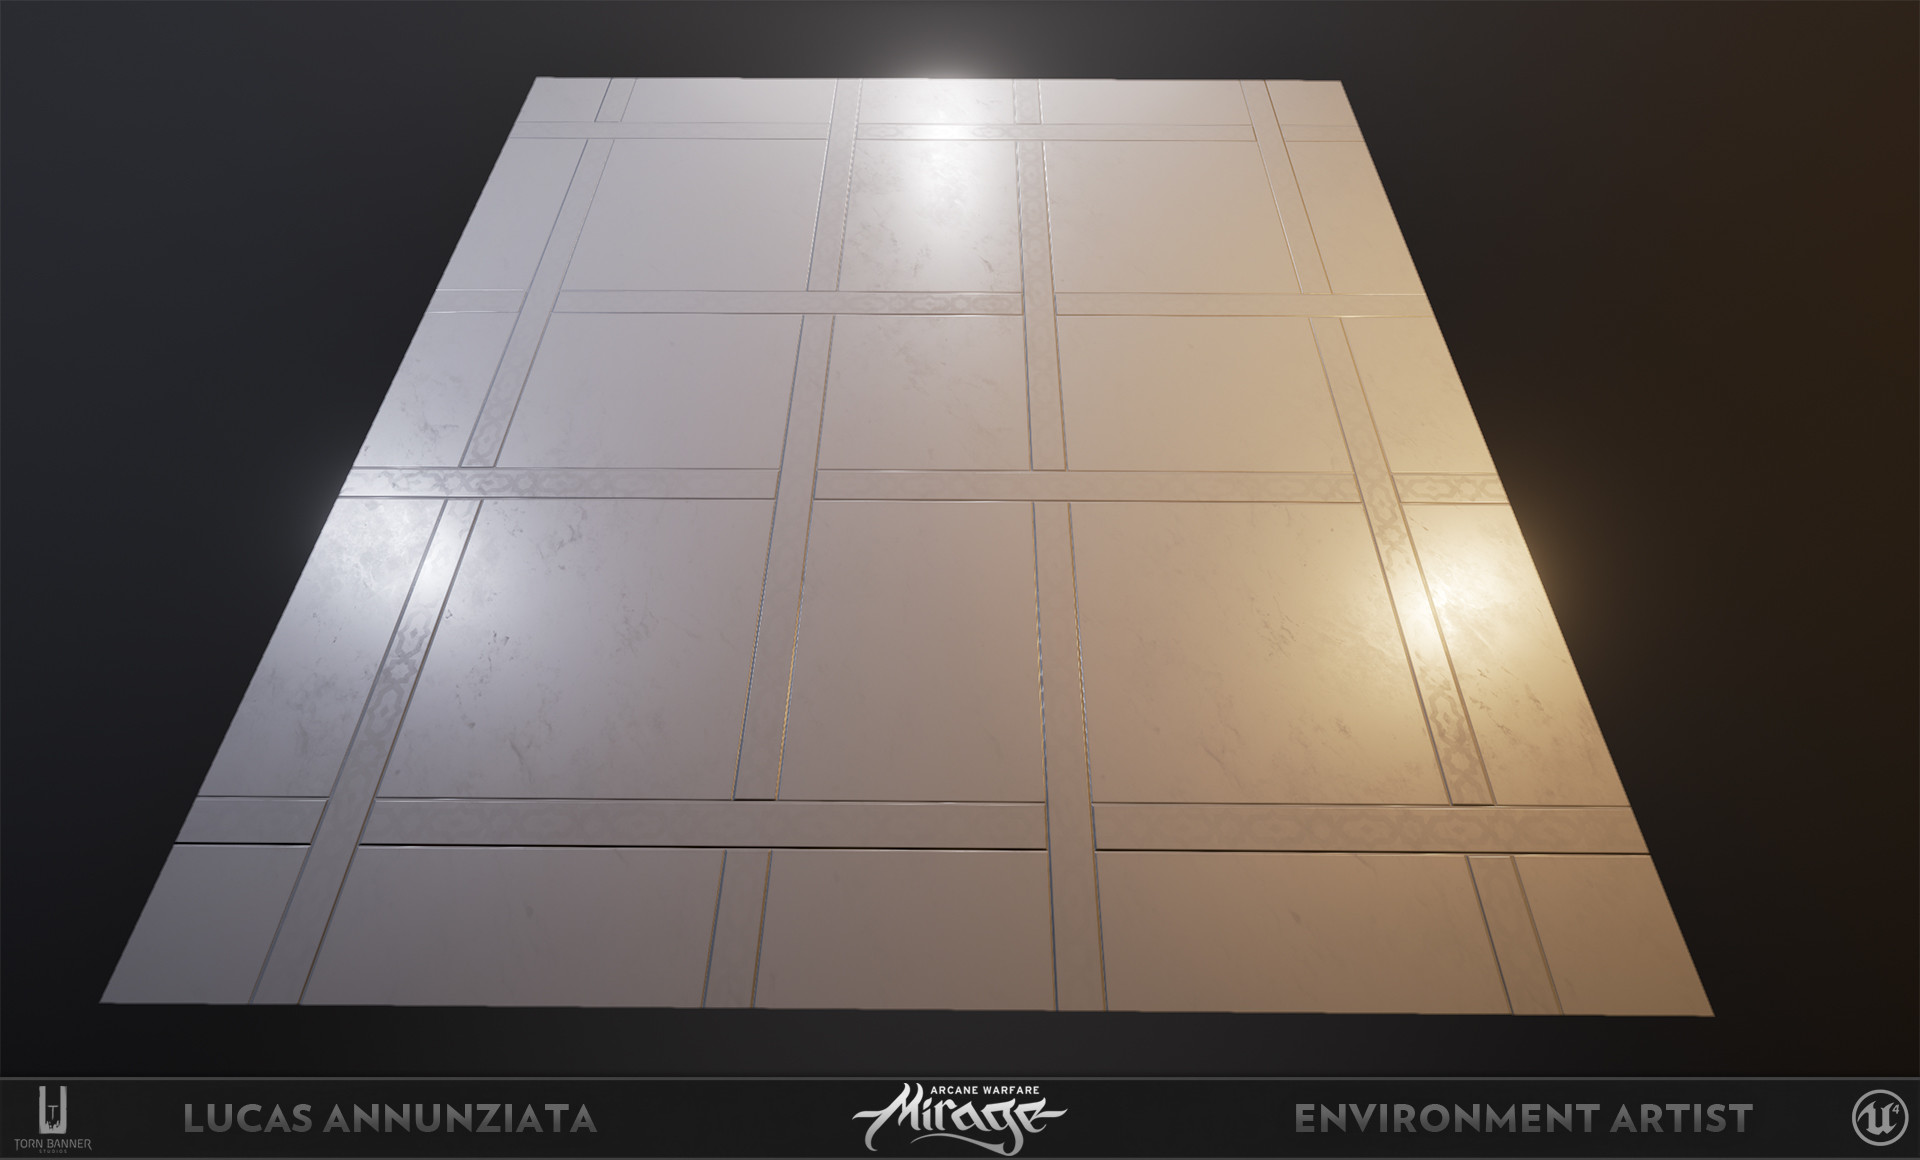 Lucas annunziata marble 3